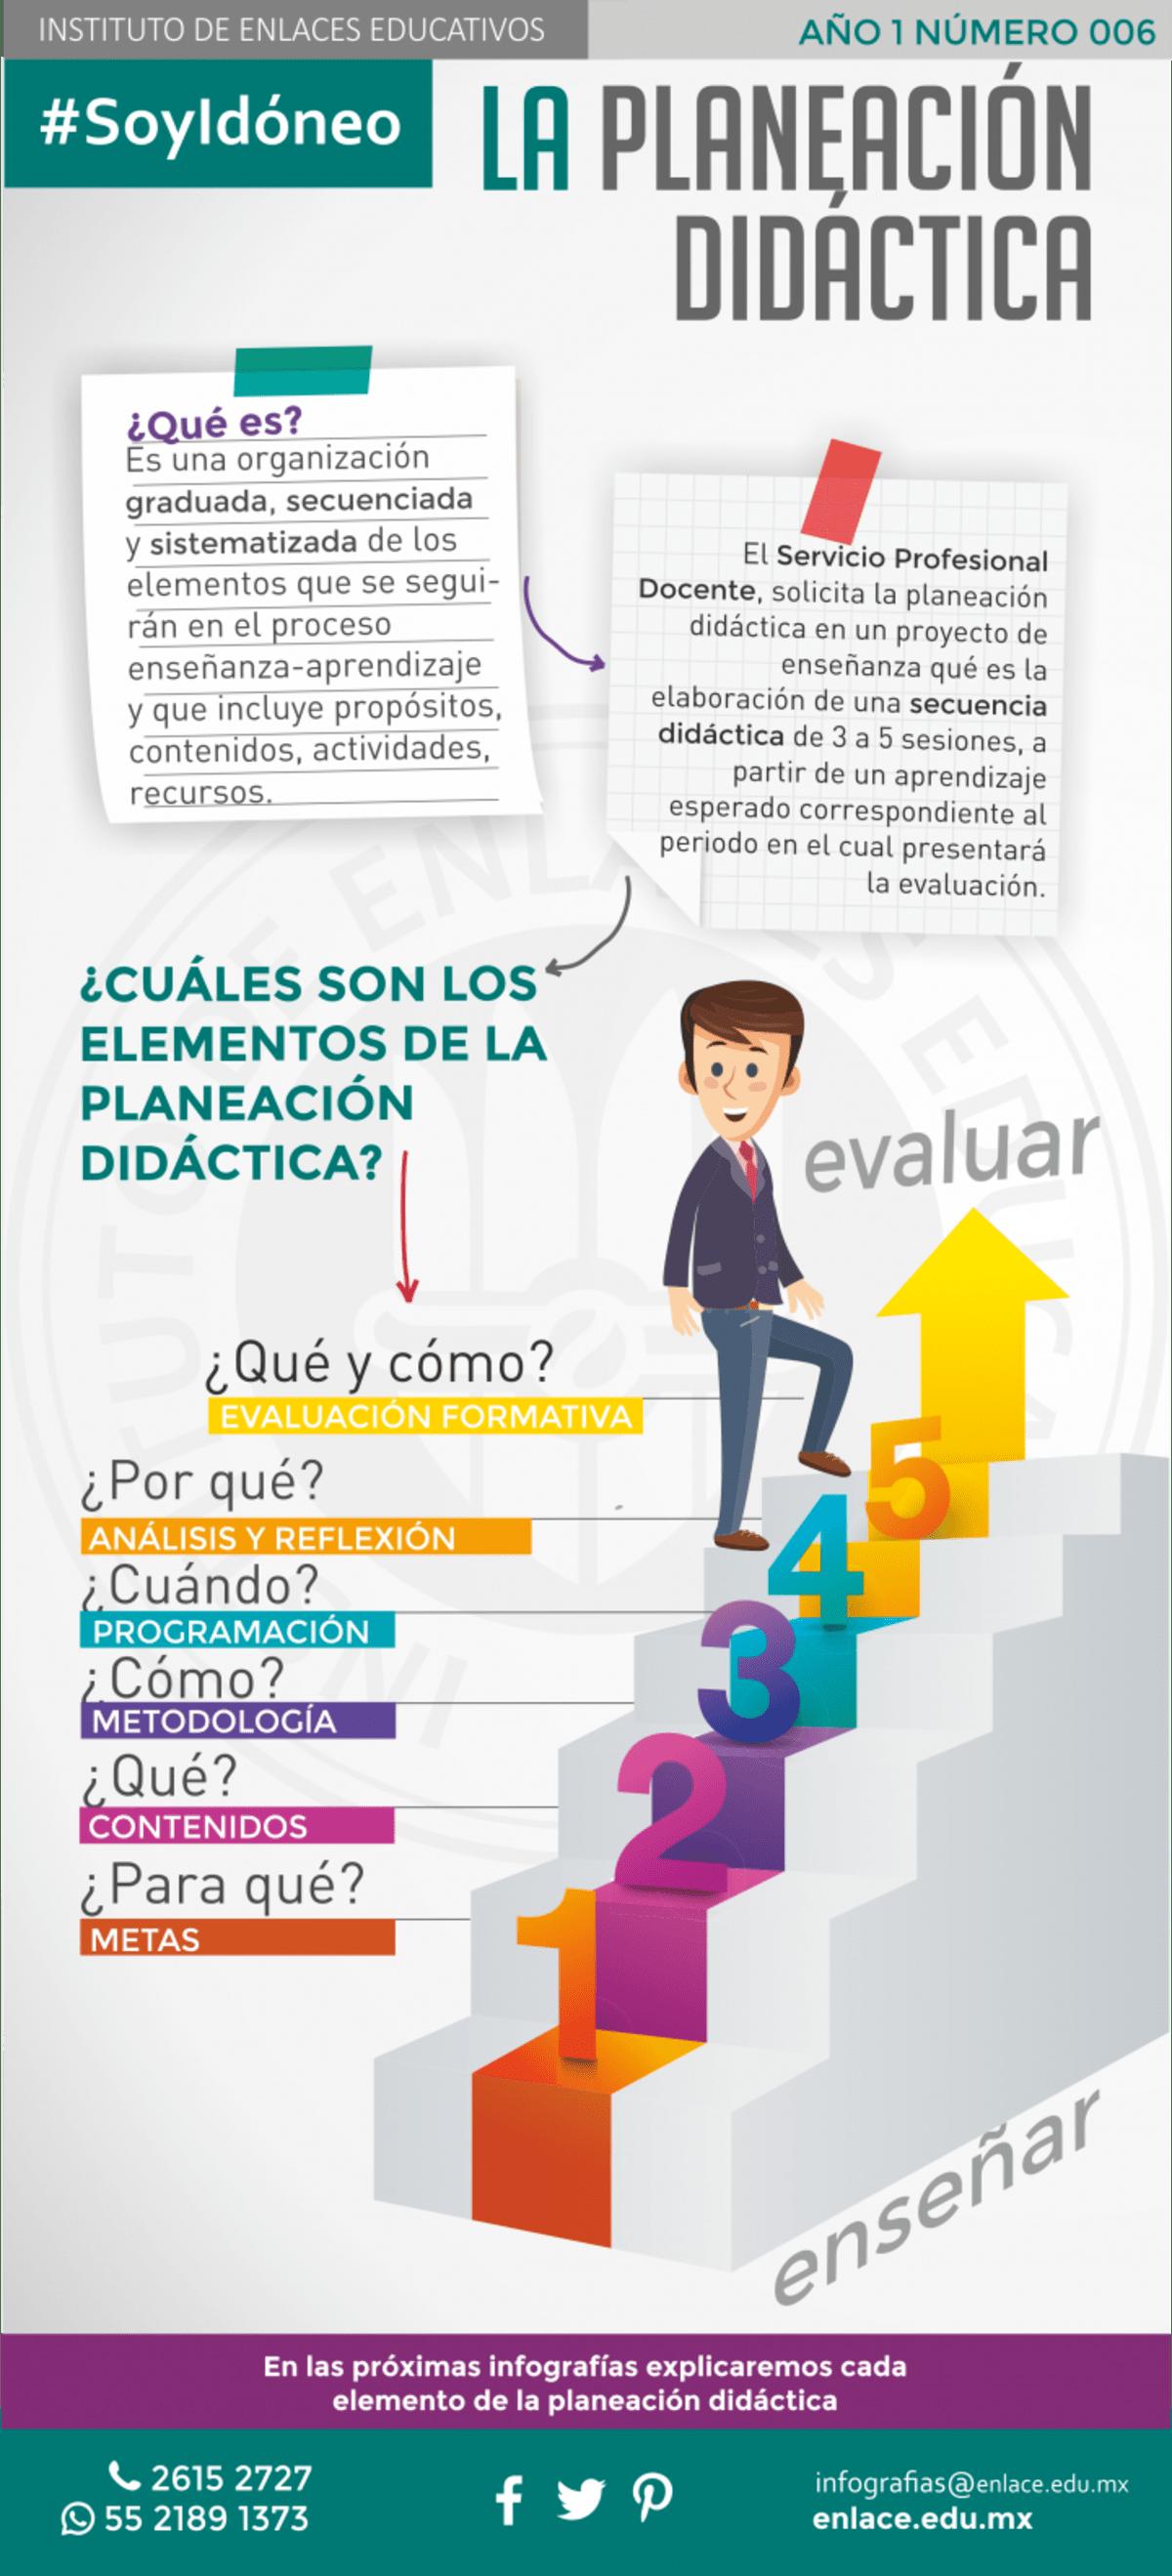 Planeación Didáctica - 6 Importantes Elementos para Mejorar la Enseñanza y el Aprendizaje.